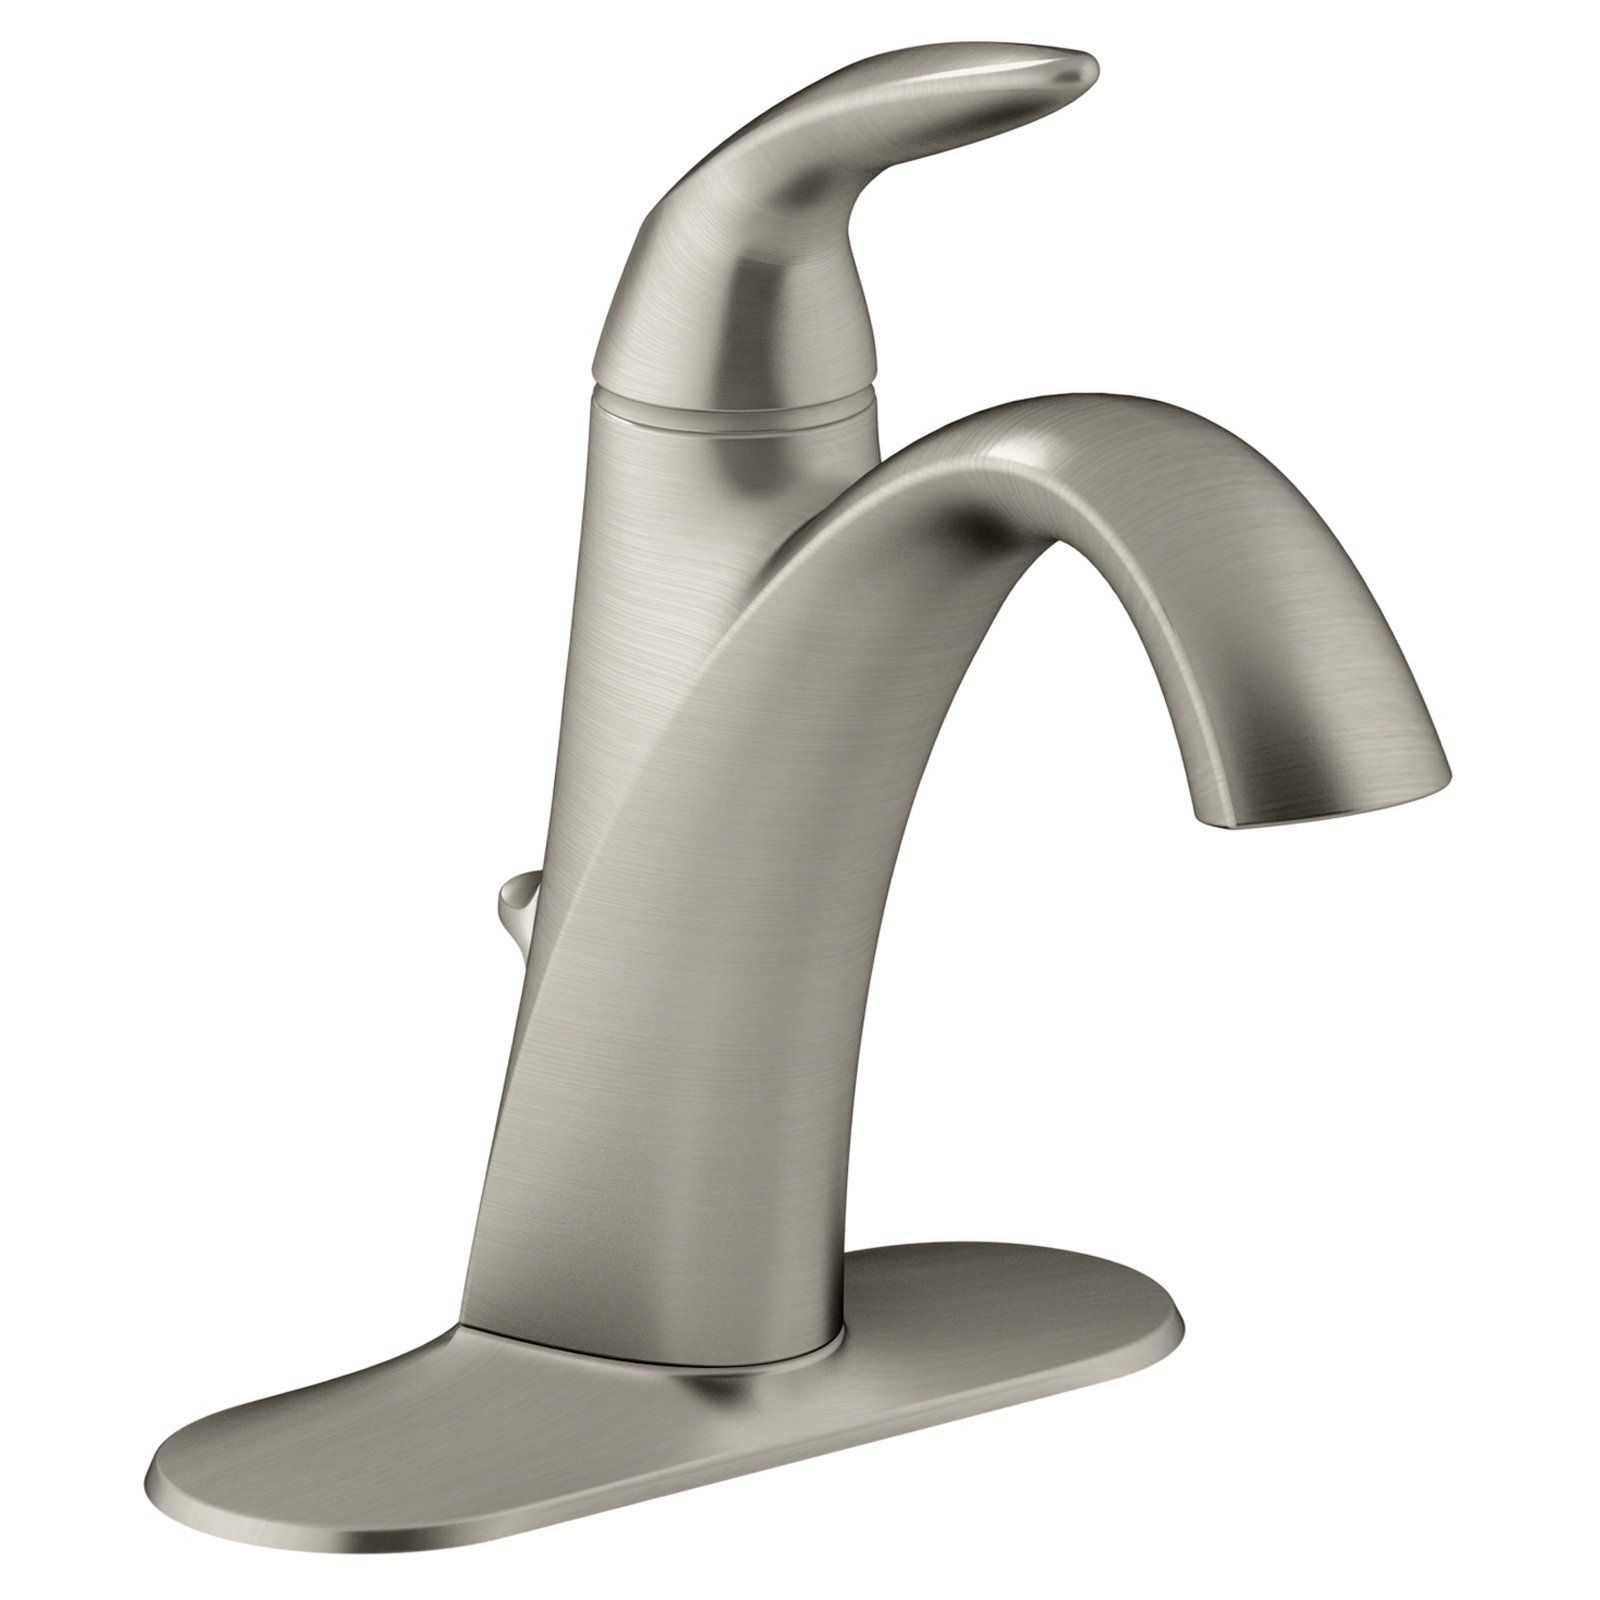 Kohler Alteo Single Handle Bathroom Sink Faucet Single Handle Bathroom Sink Faucet Bathroom Faucets Bathroom Sink Faucets